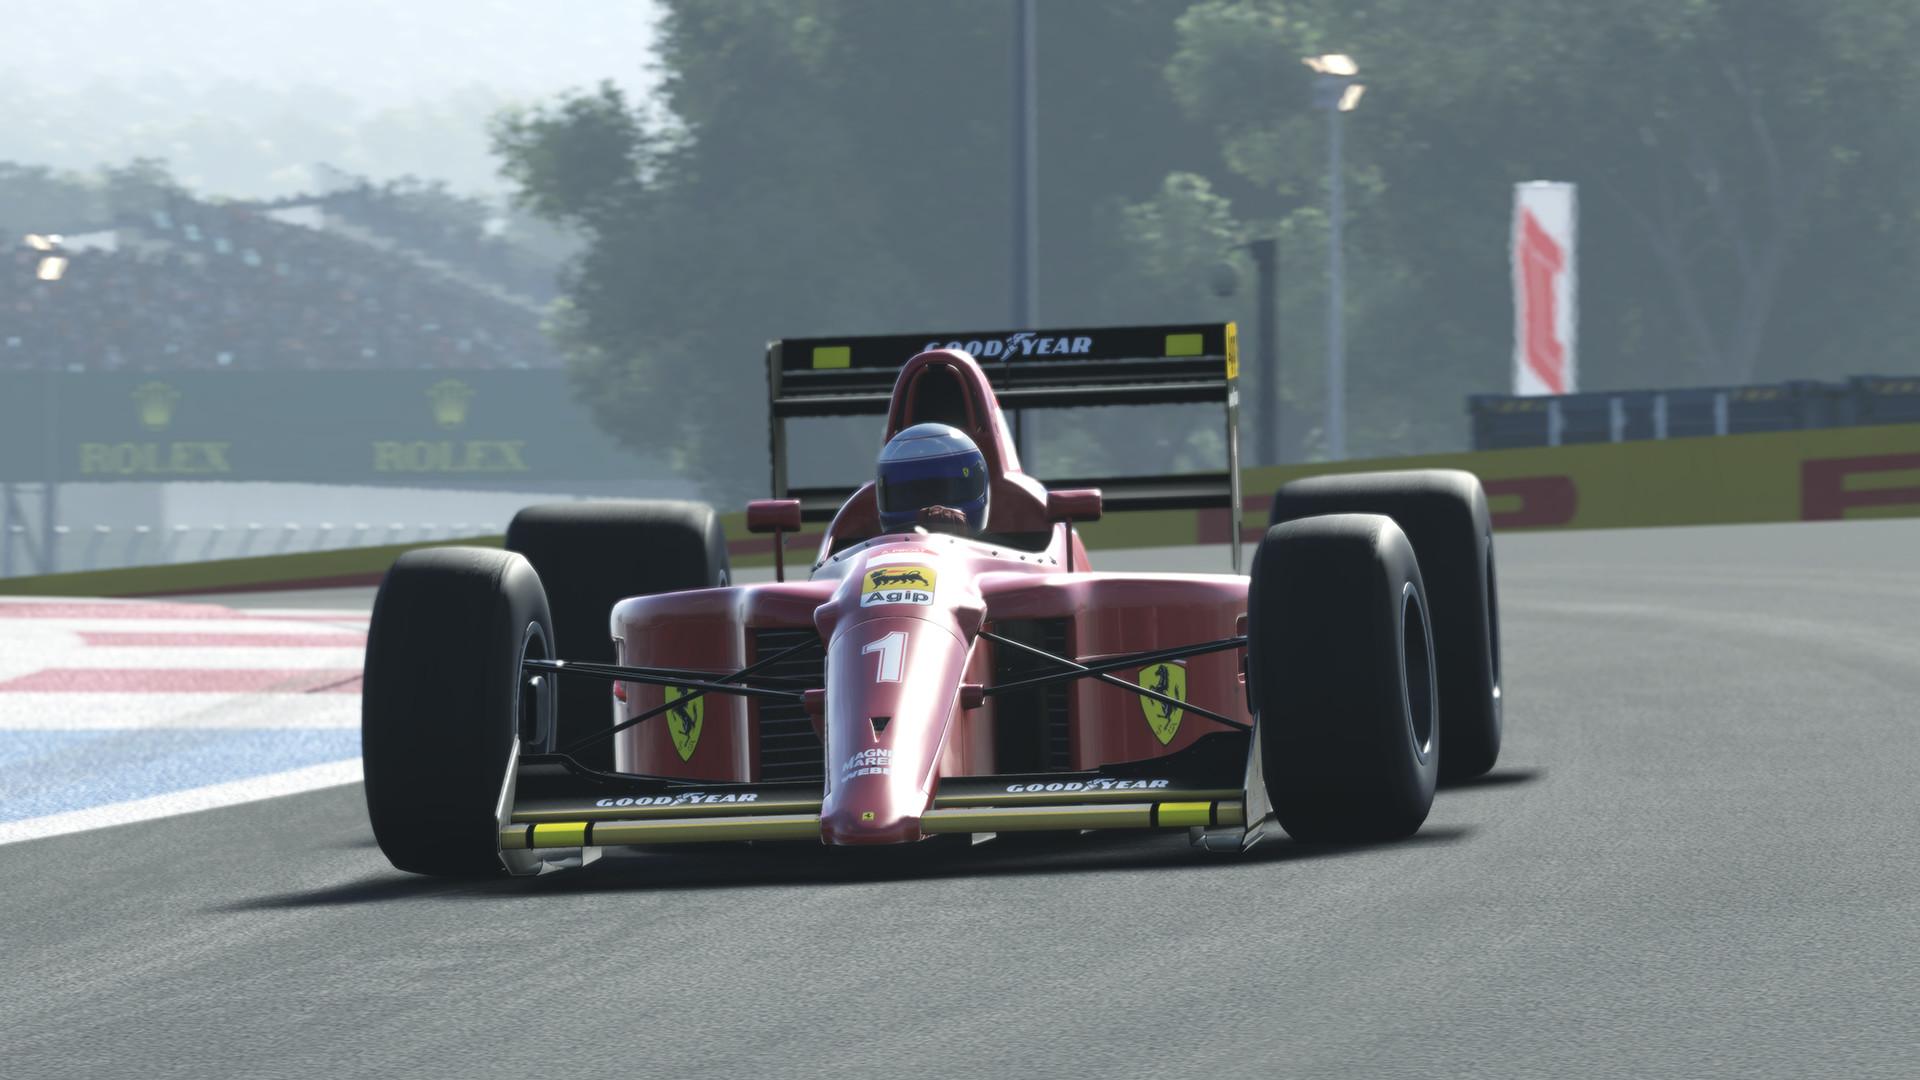 perdita di peso driver f1 durante la gara